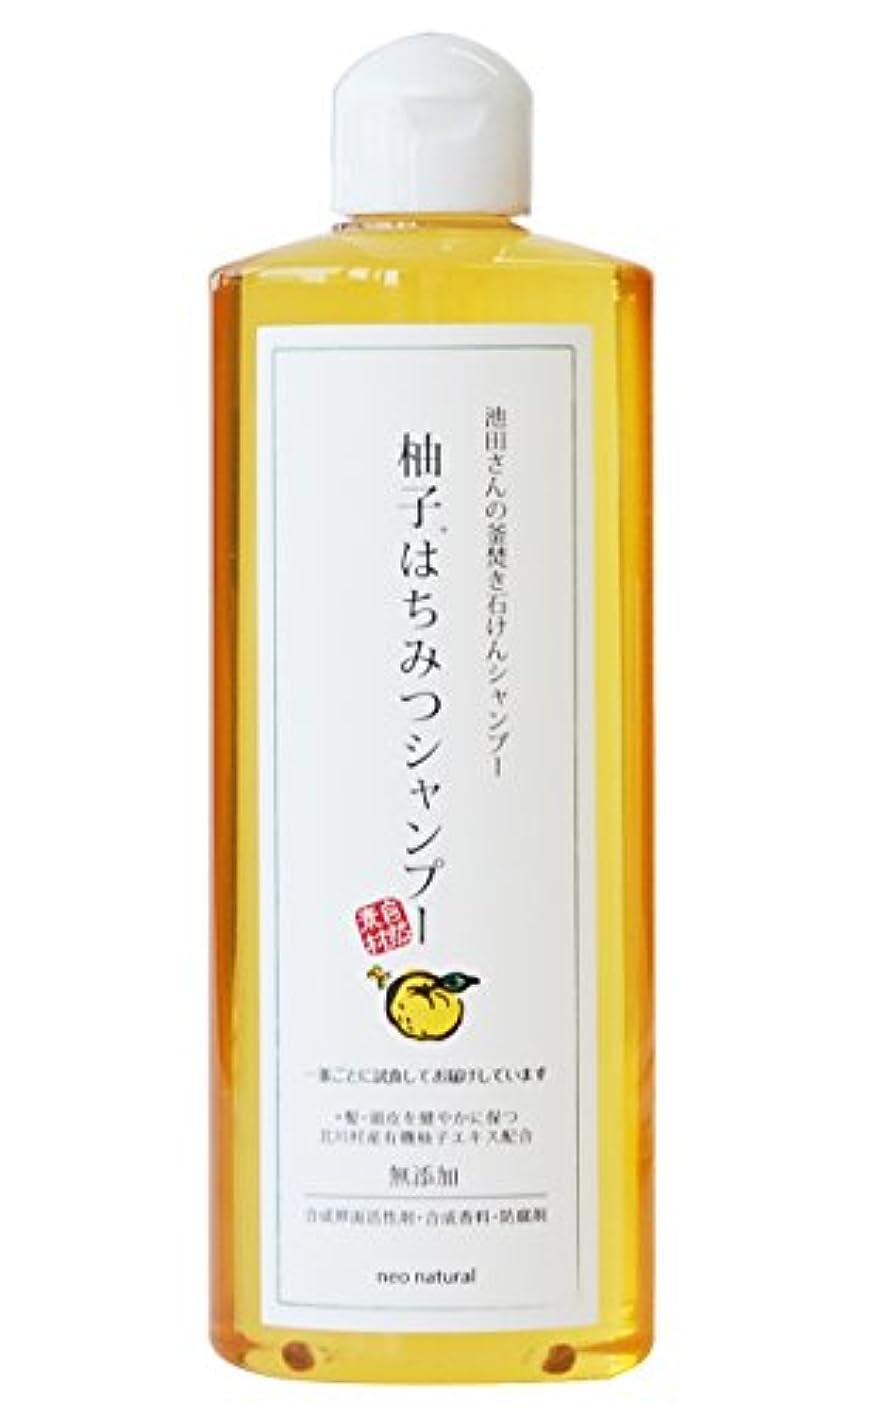 減衰侵略ブレーキネオナチュラル 柚子はちみつシャンプー 300ml